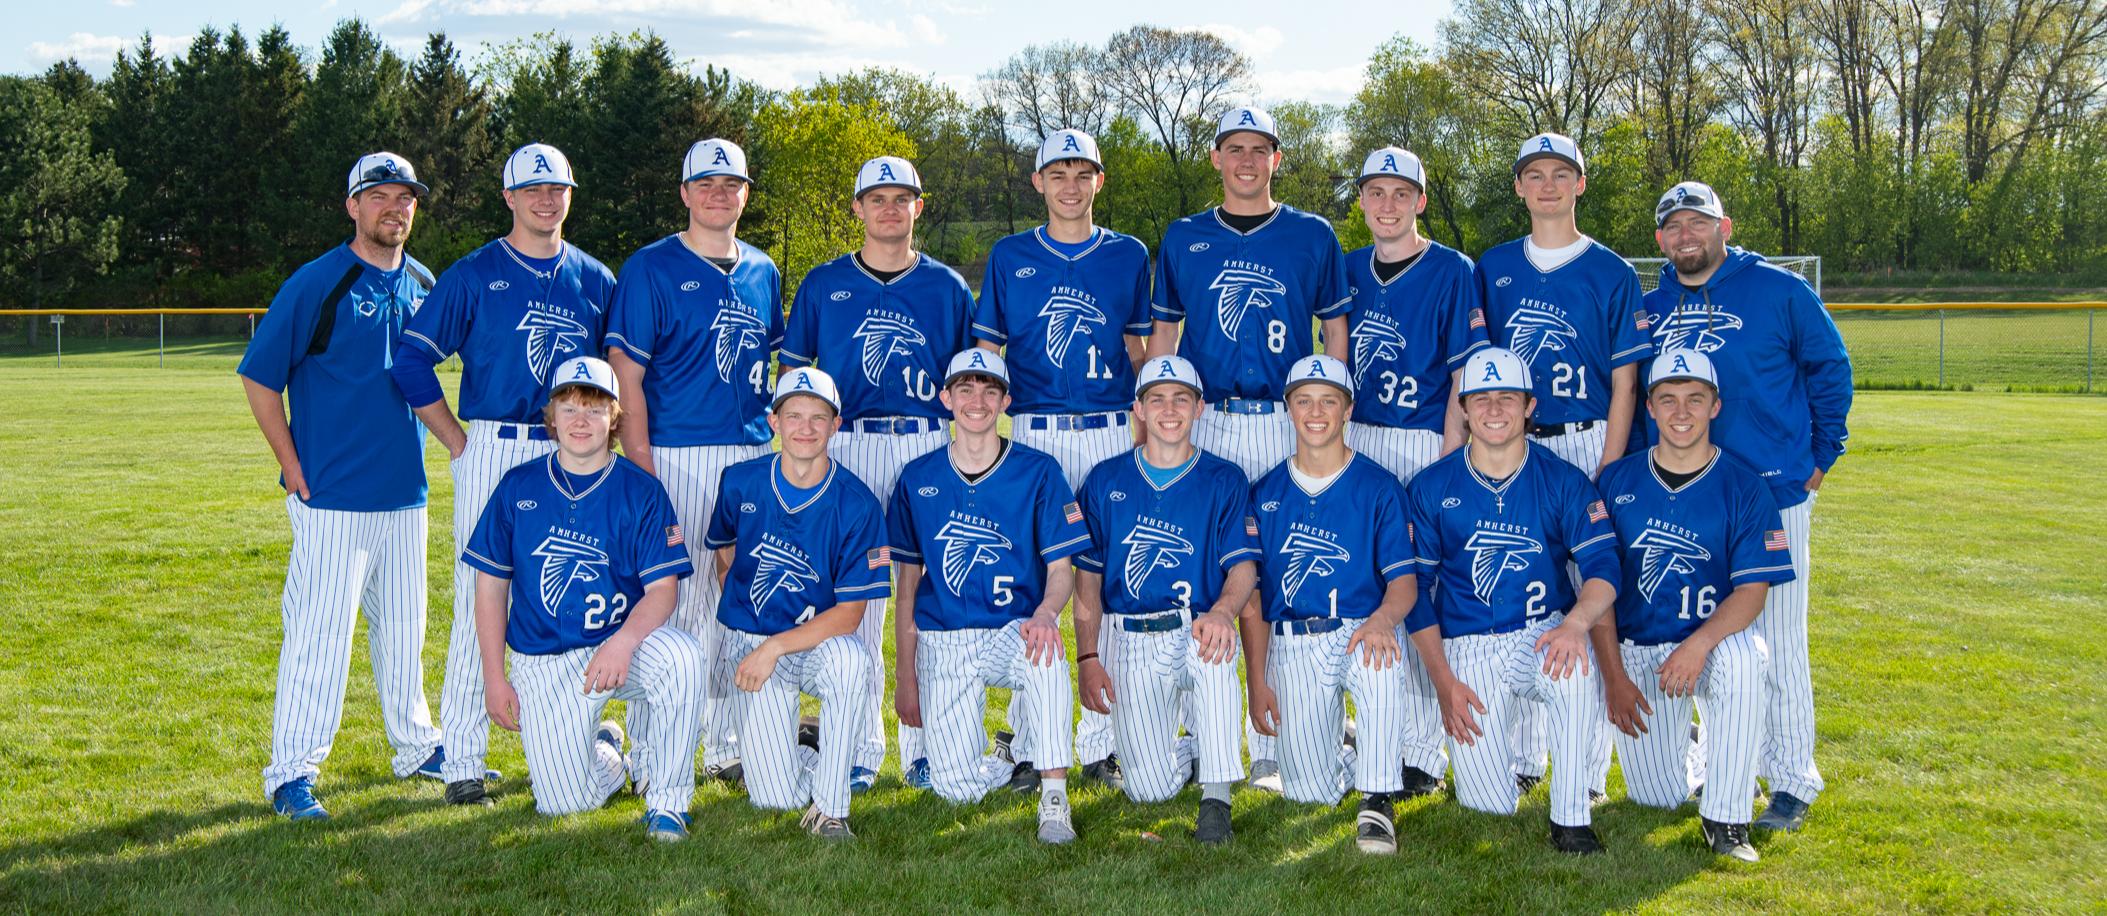 AHS Baseball Team